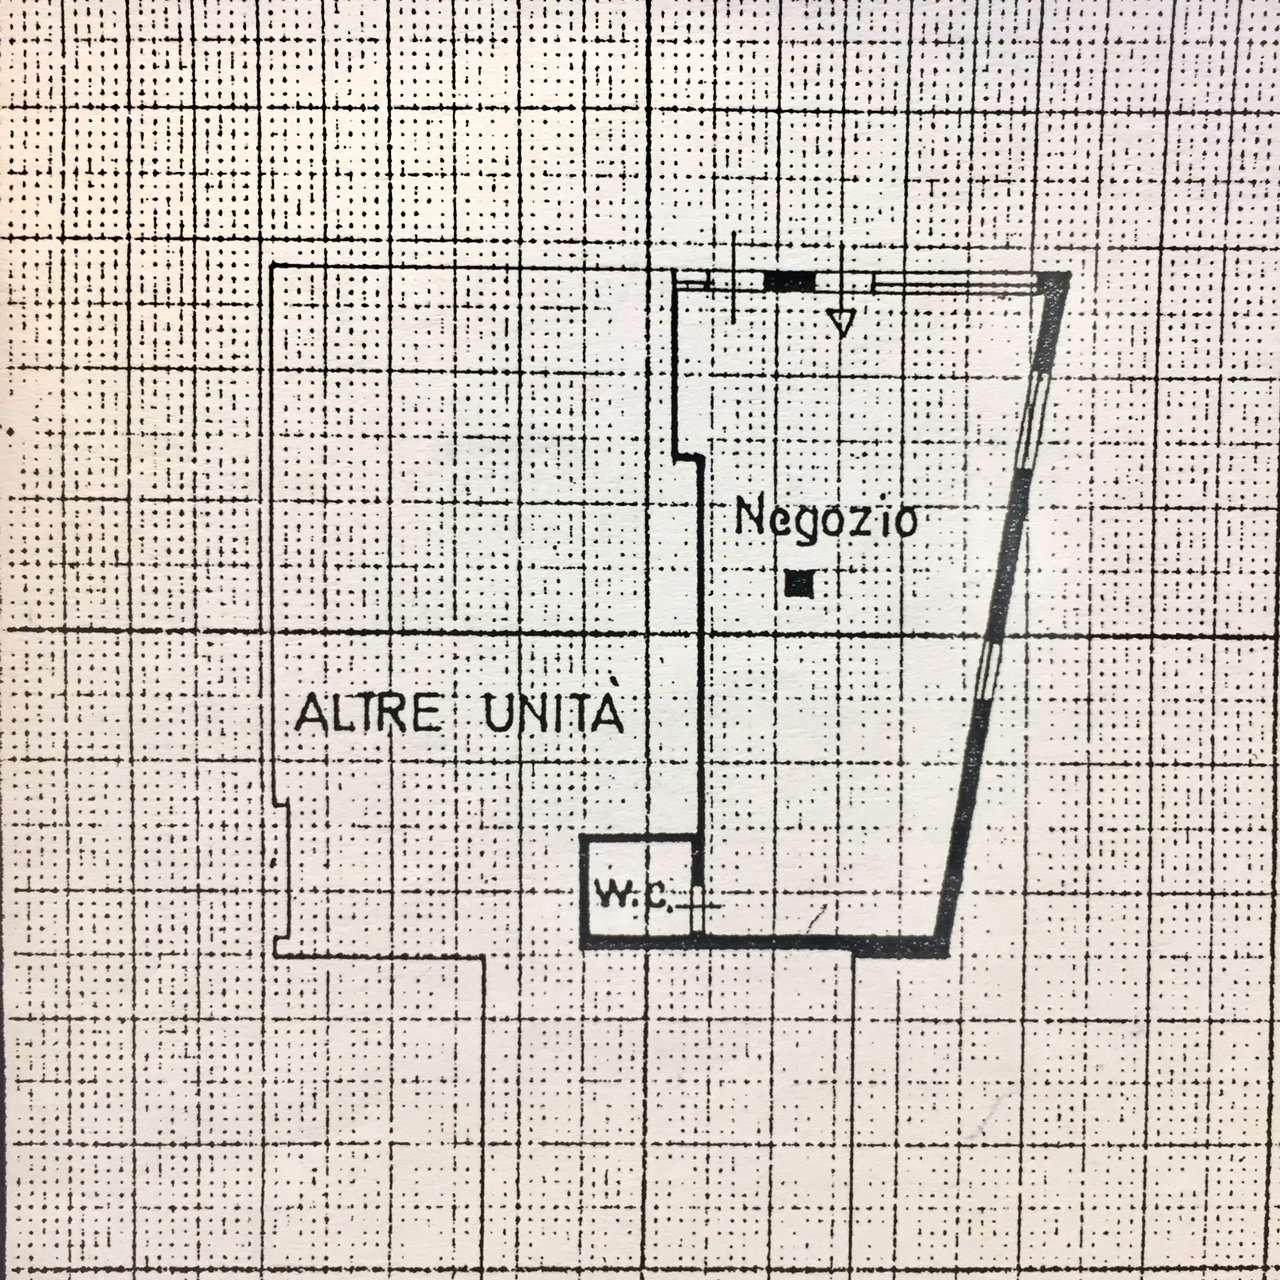 Negozio / Locale in vendita a Legnaro, 1 locali, prezzo € 75.000 | Cambio Casa.it